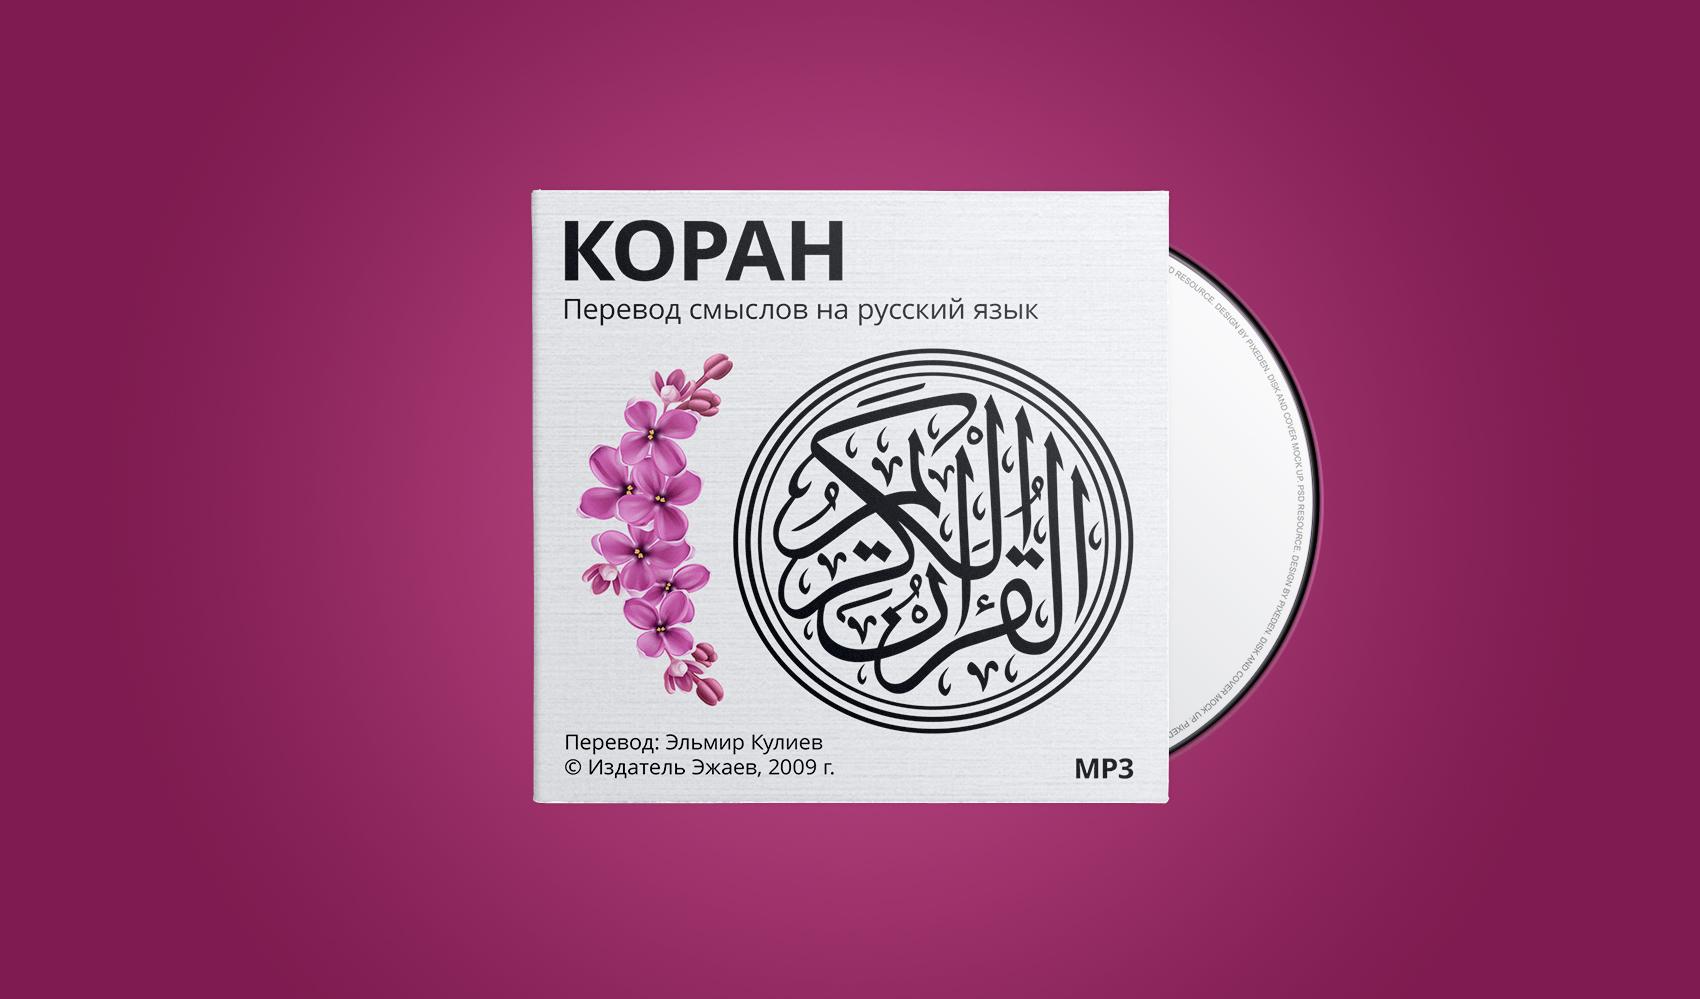 Коран. Перевод смыслов на русский язык Эльмира Кулиева